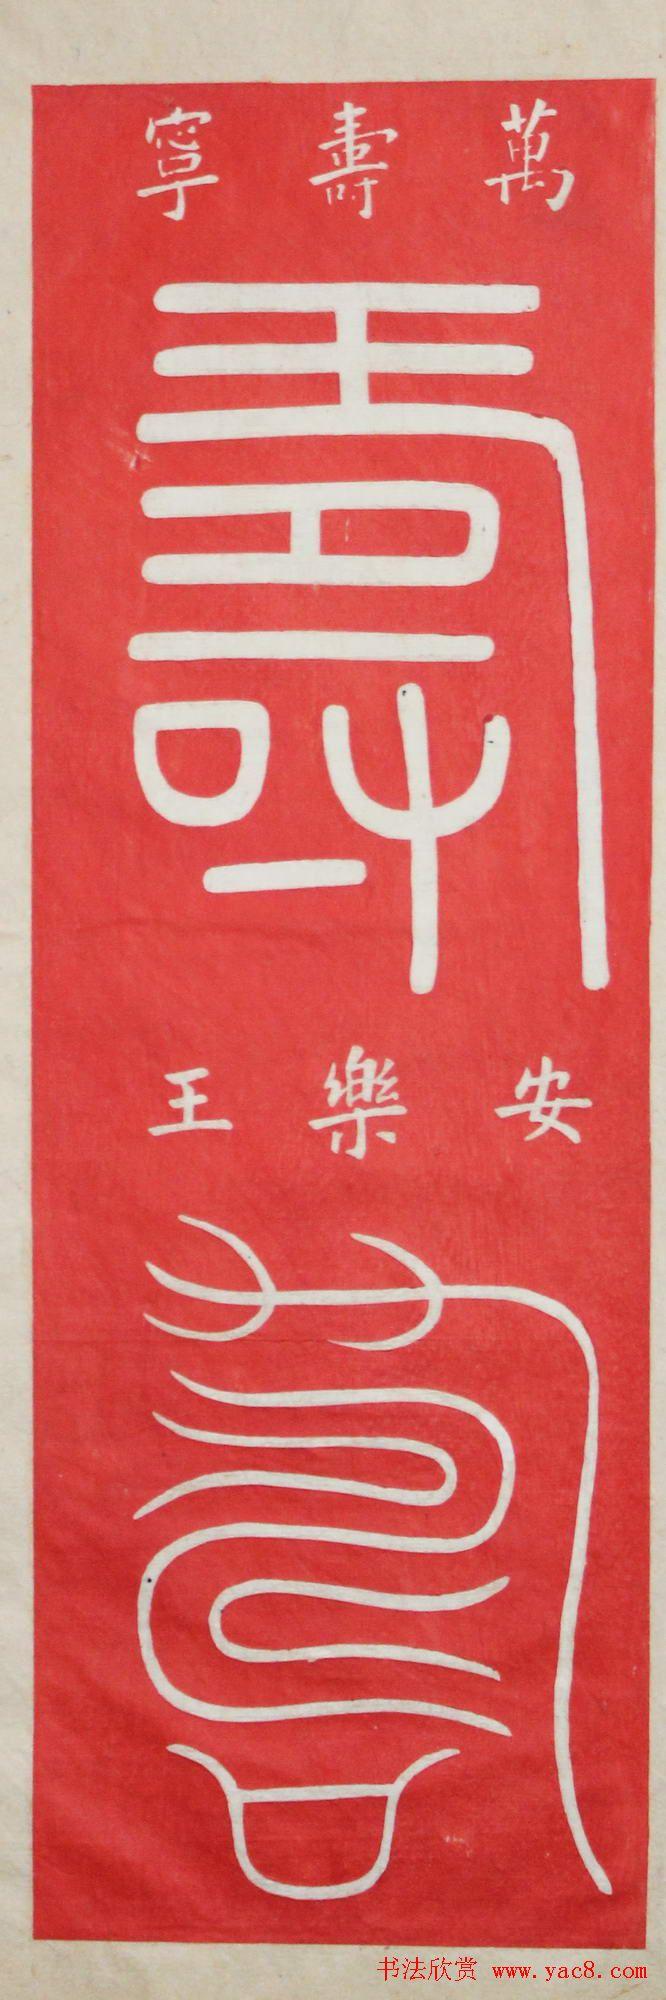 寿 字书写大全王福厂篆书120种 第59页 书法专题 书法欣赏